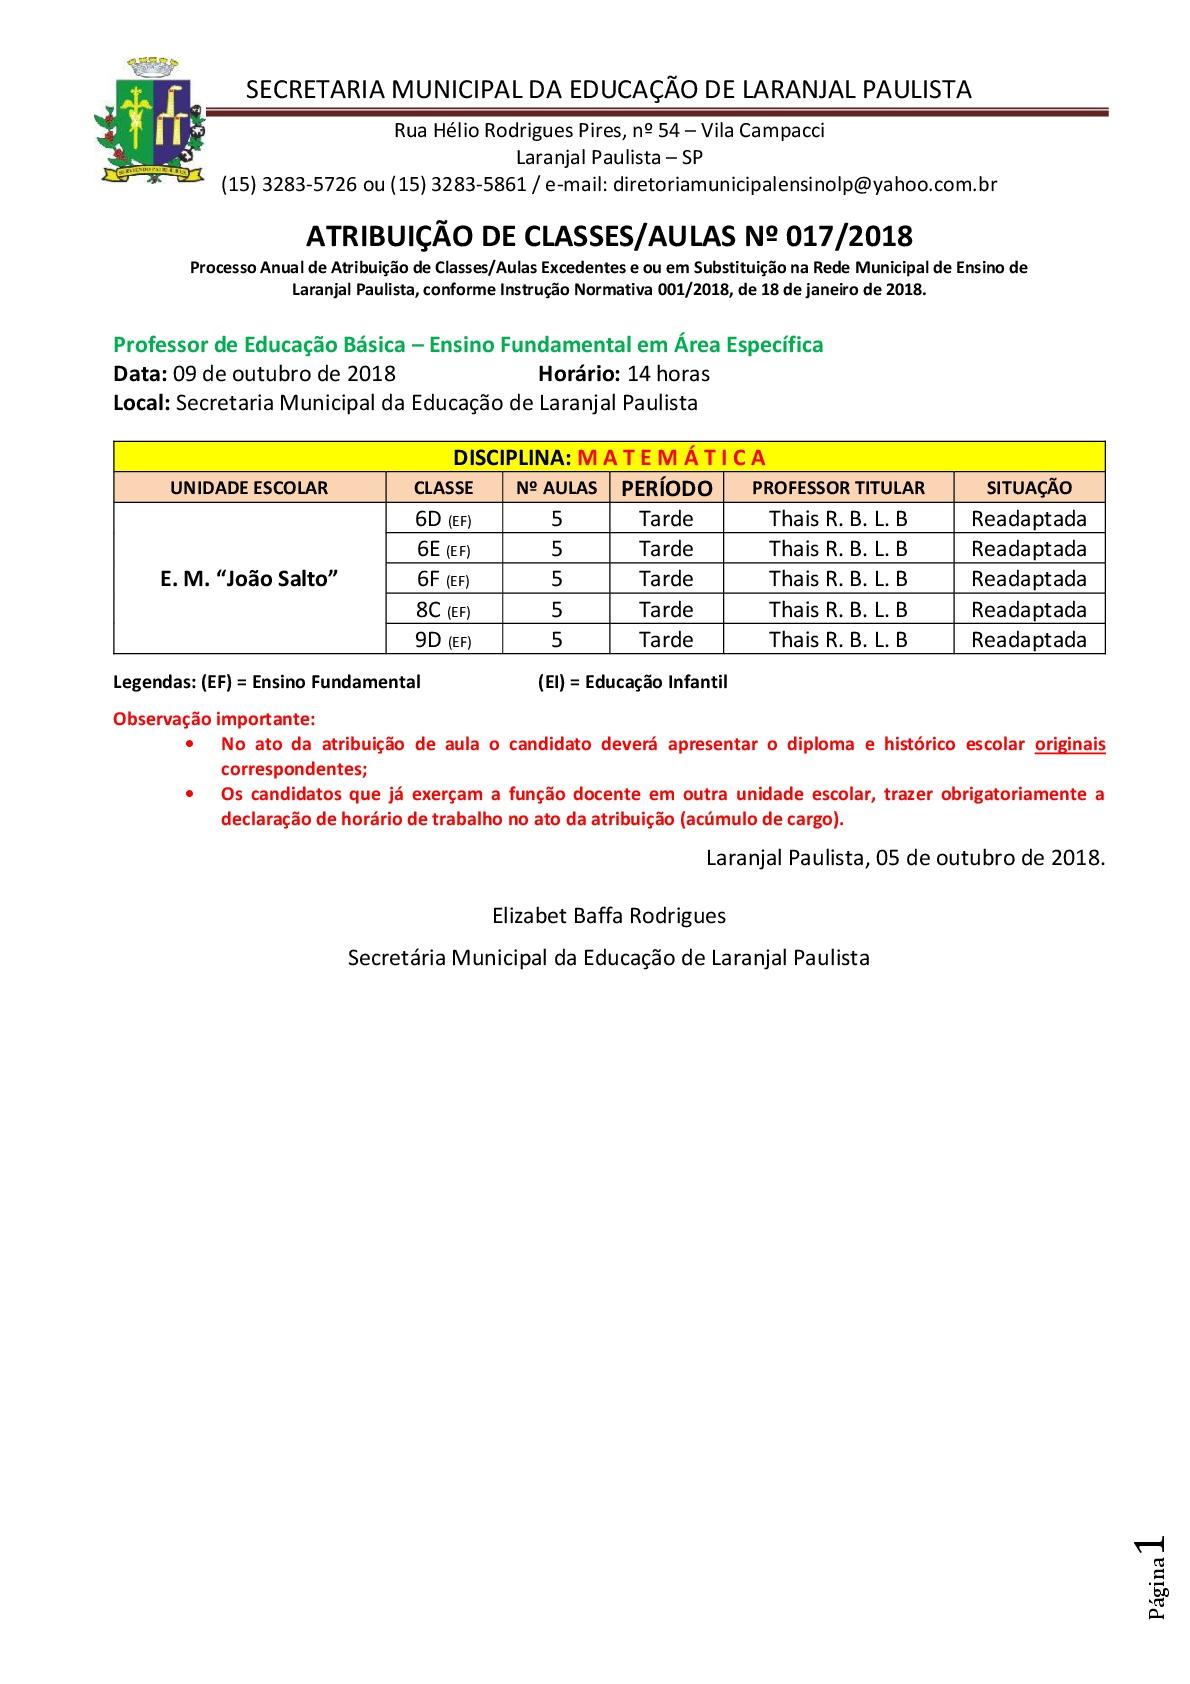 Atribuição de classes e ou aulas excedentes 017-2018-001